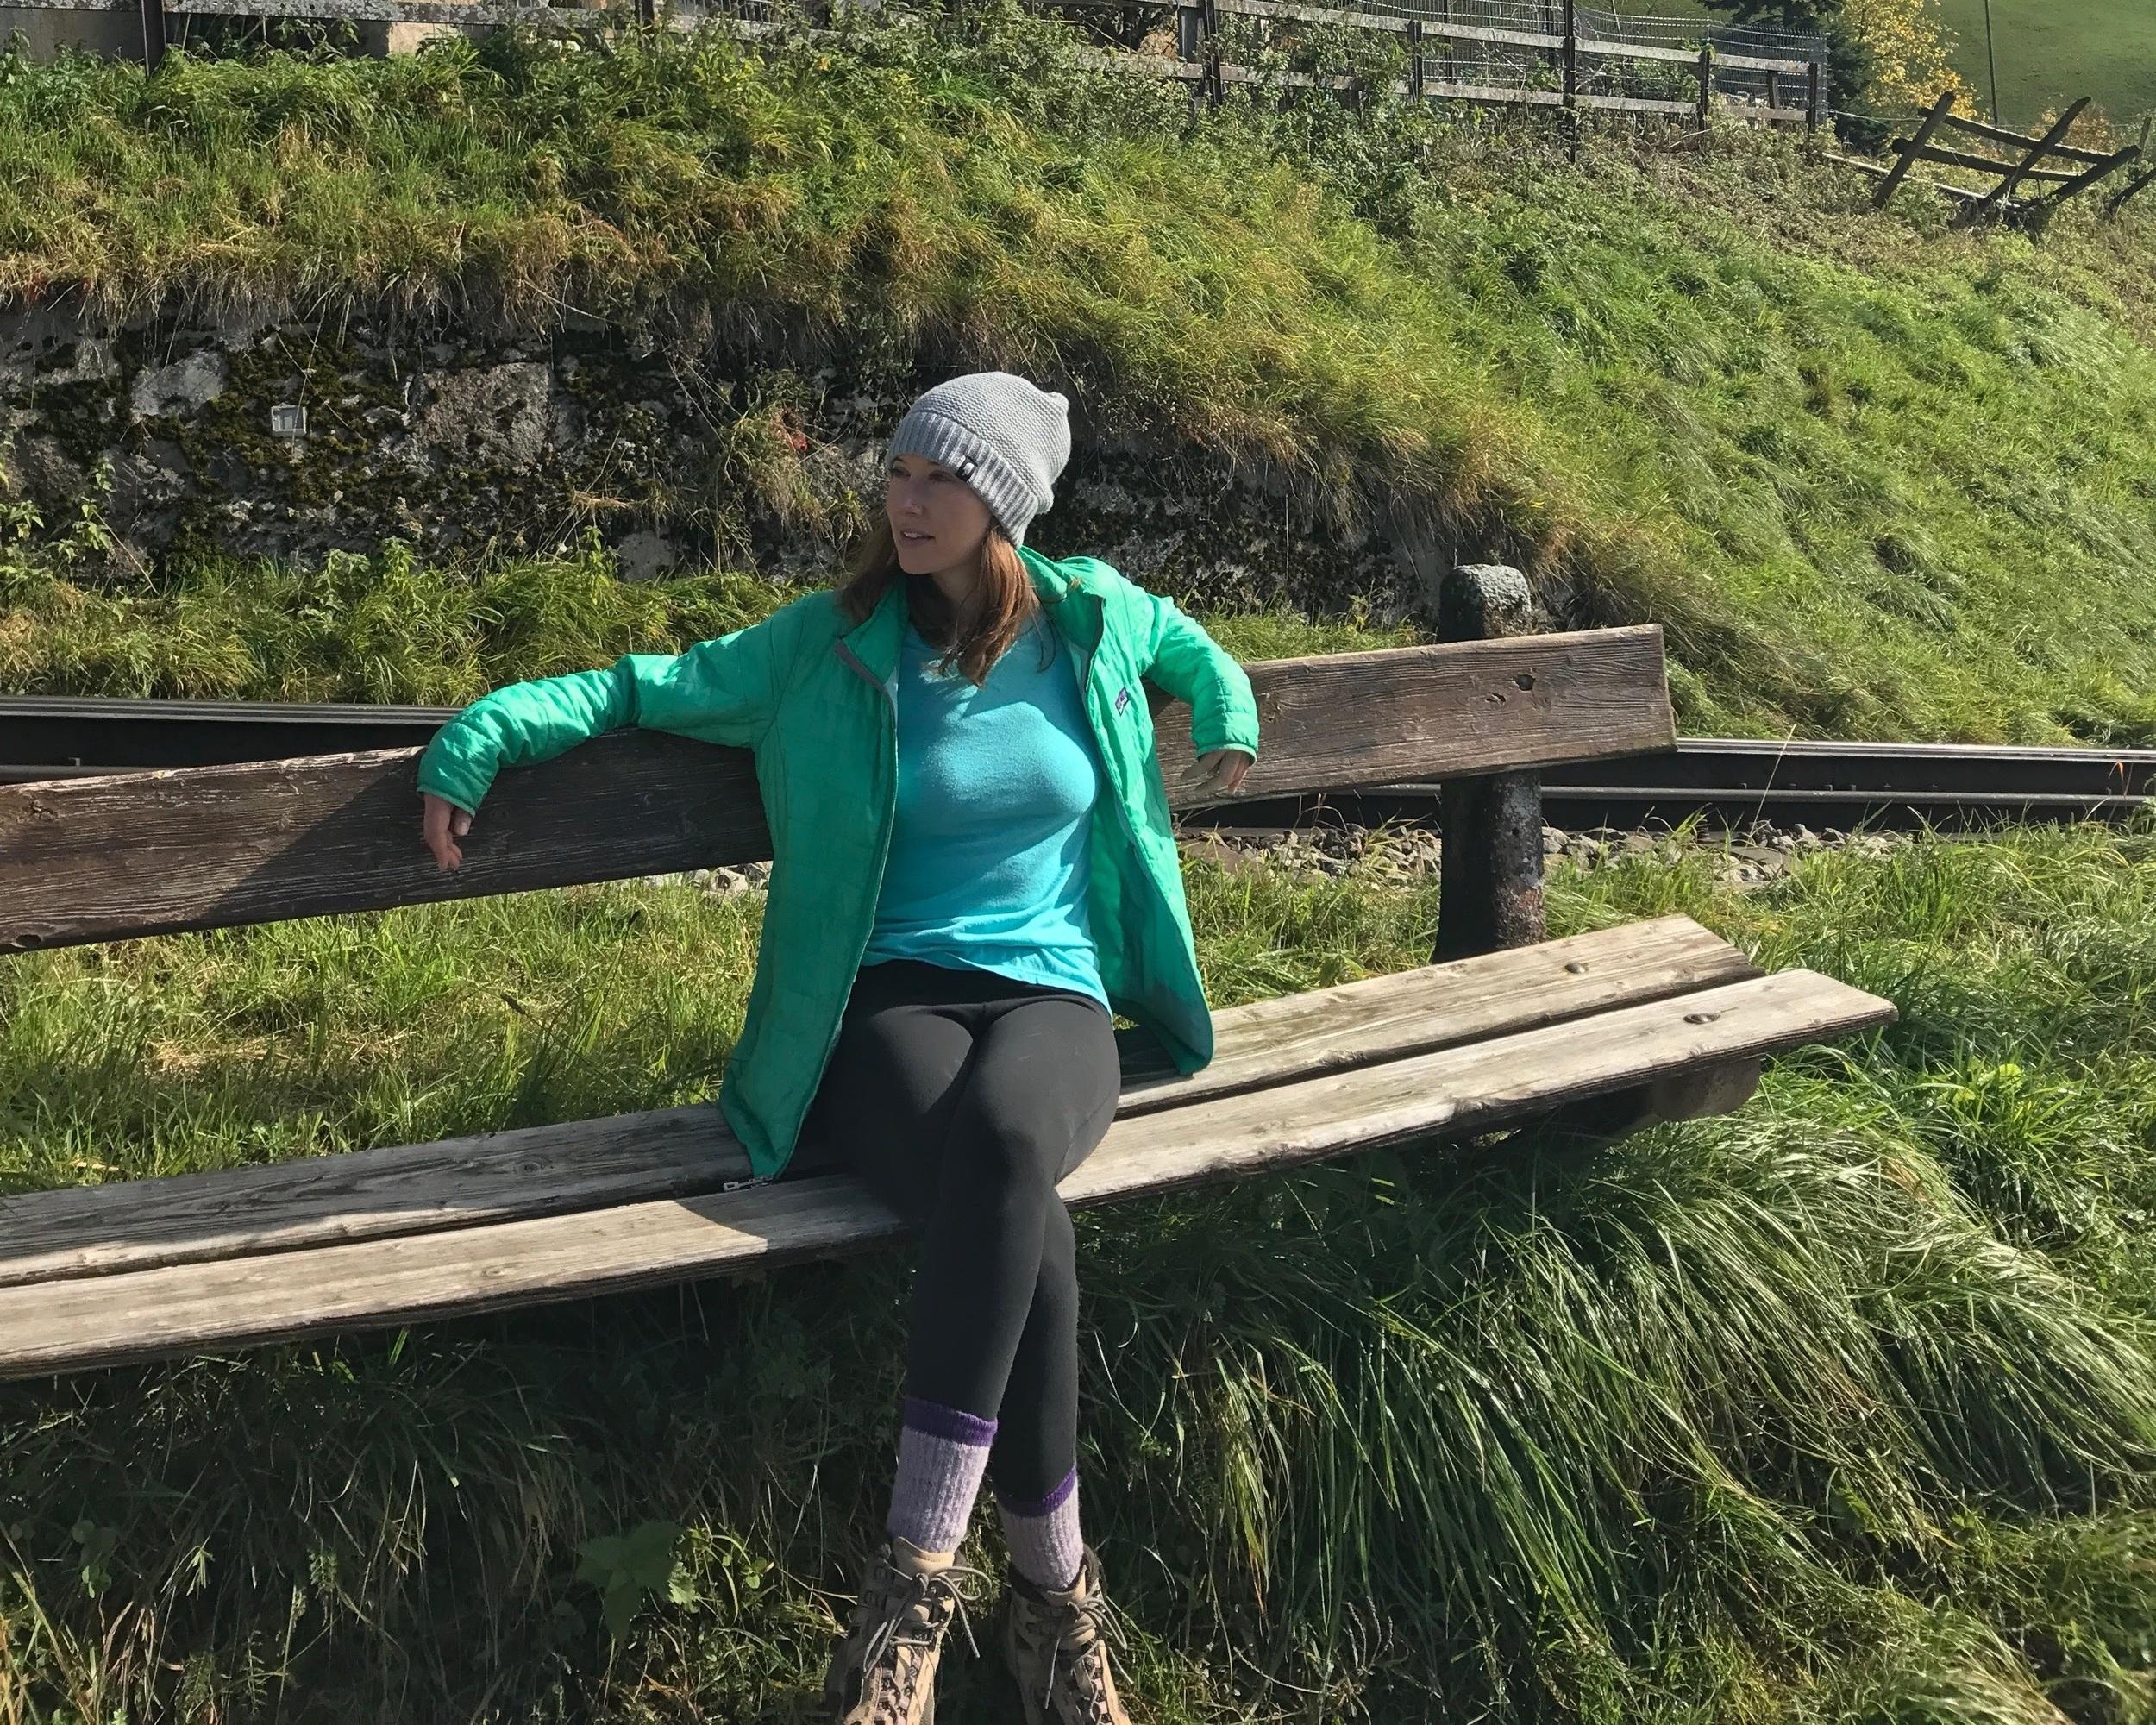 Taking a break on Mark Twain trail